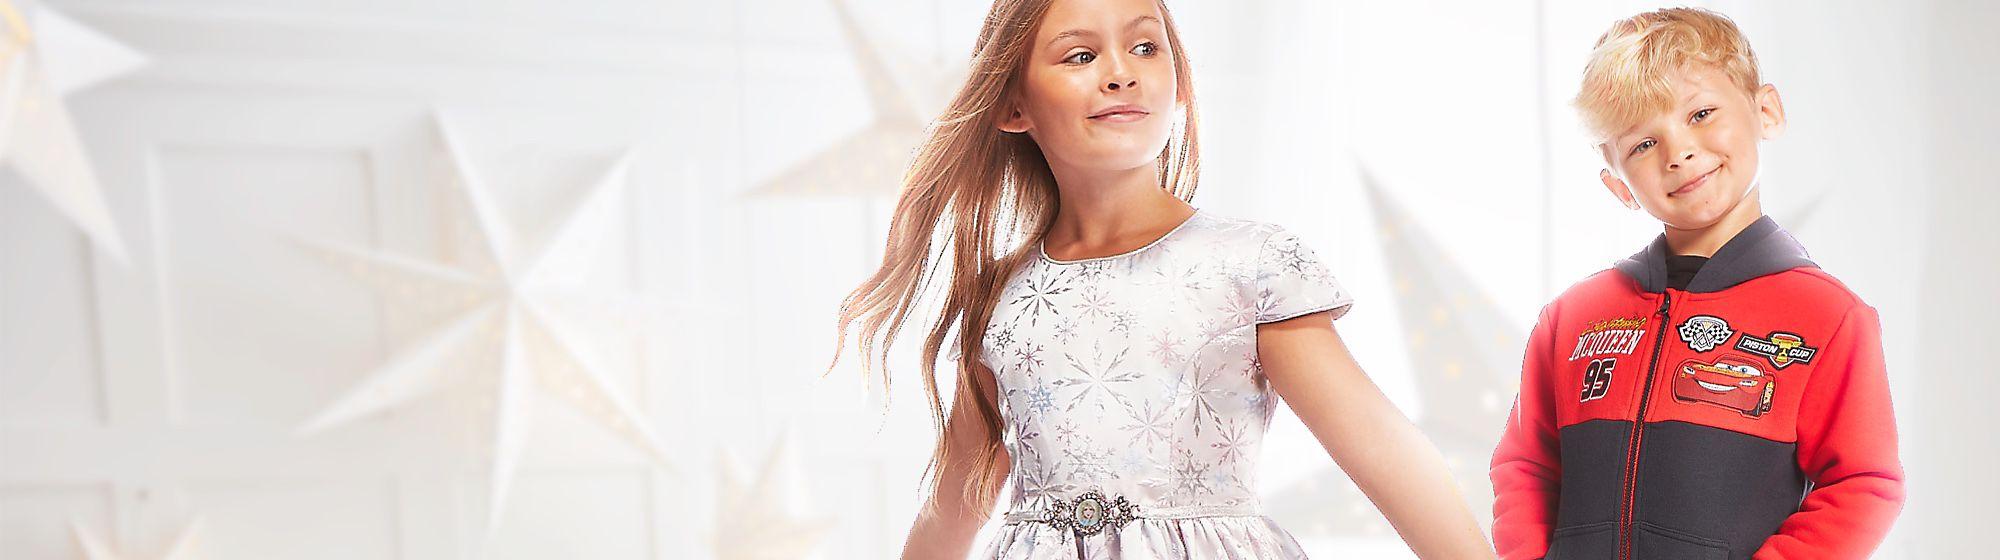 Mode enfants Pour être à la mode de Disney, votre enfant sera ravi de porter robe, T-shirt ou encore pantalon à l'effigie de ses personnages Disney préférés ! VOIR LA COLLECTION